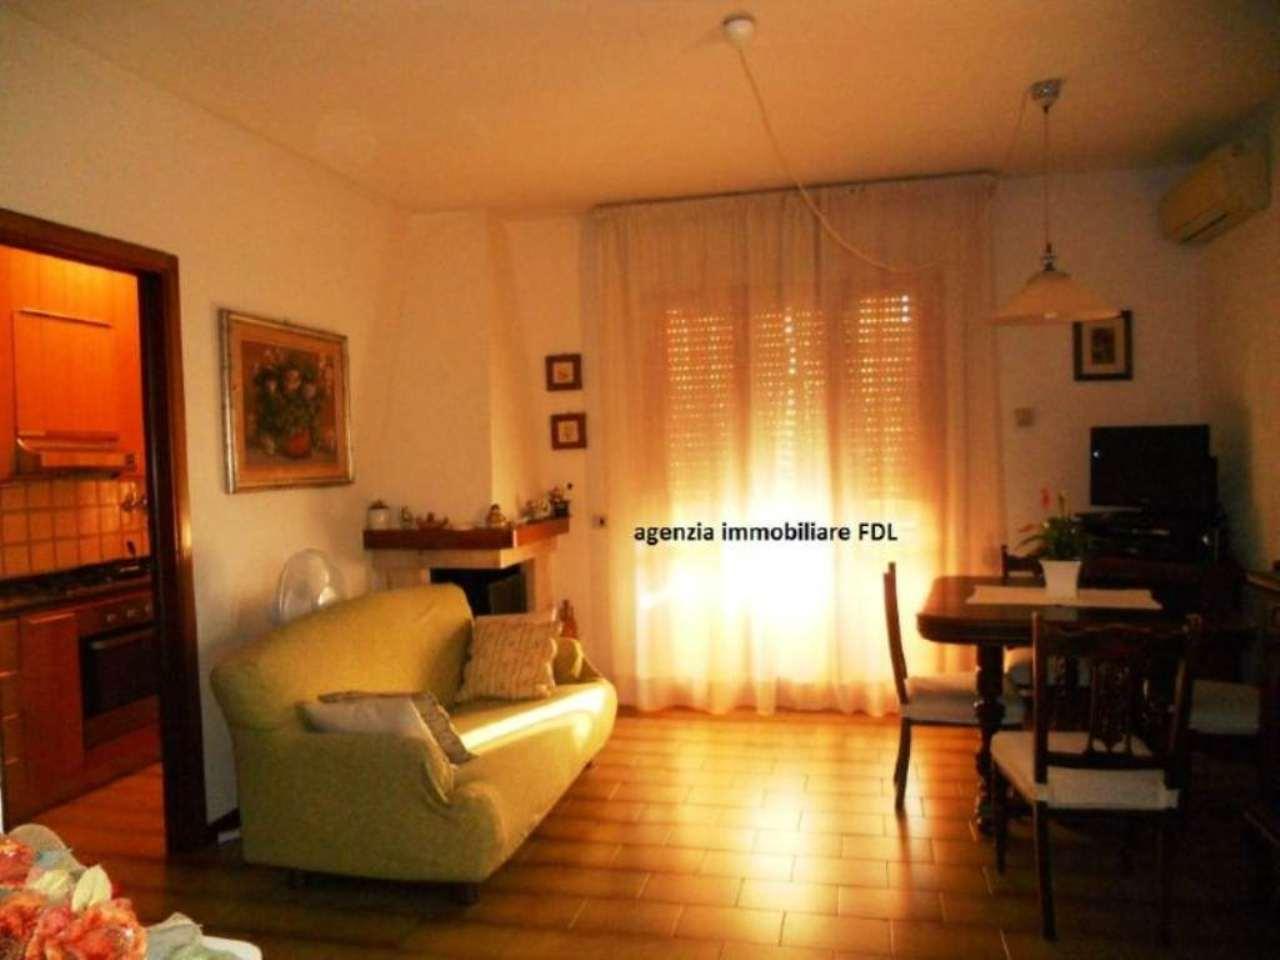 Appartamento in vendita a Casciana Terme Lari, 6 locali, prezzo € 95.000 | PortaleAgenzieImmobiliari.it